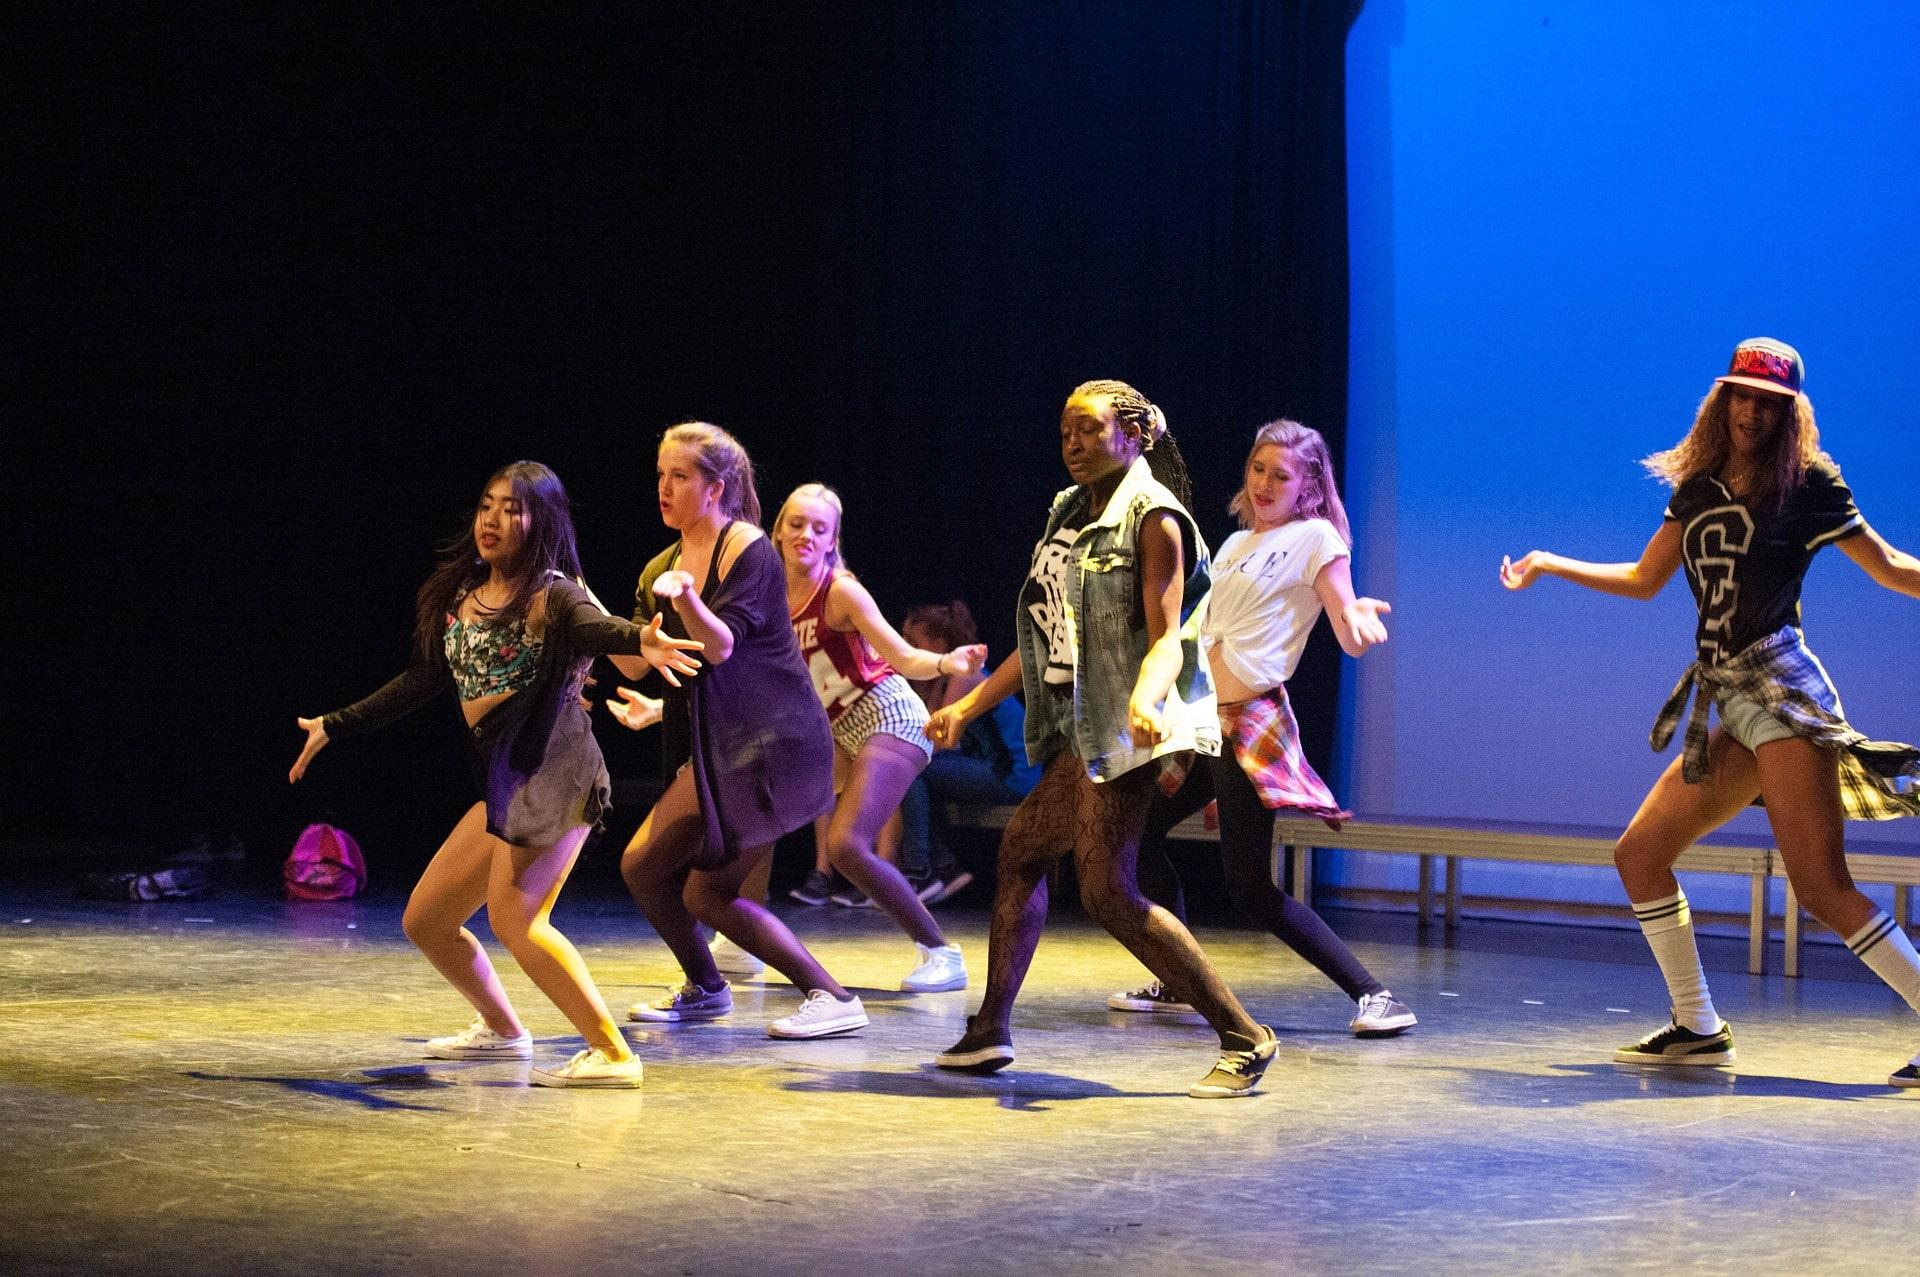 cours danse twist événement - Show et Spectacle de danse à Argenteuil